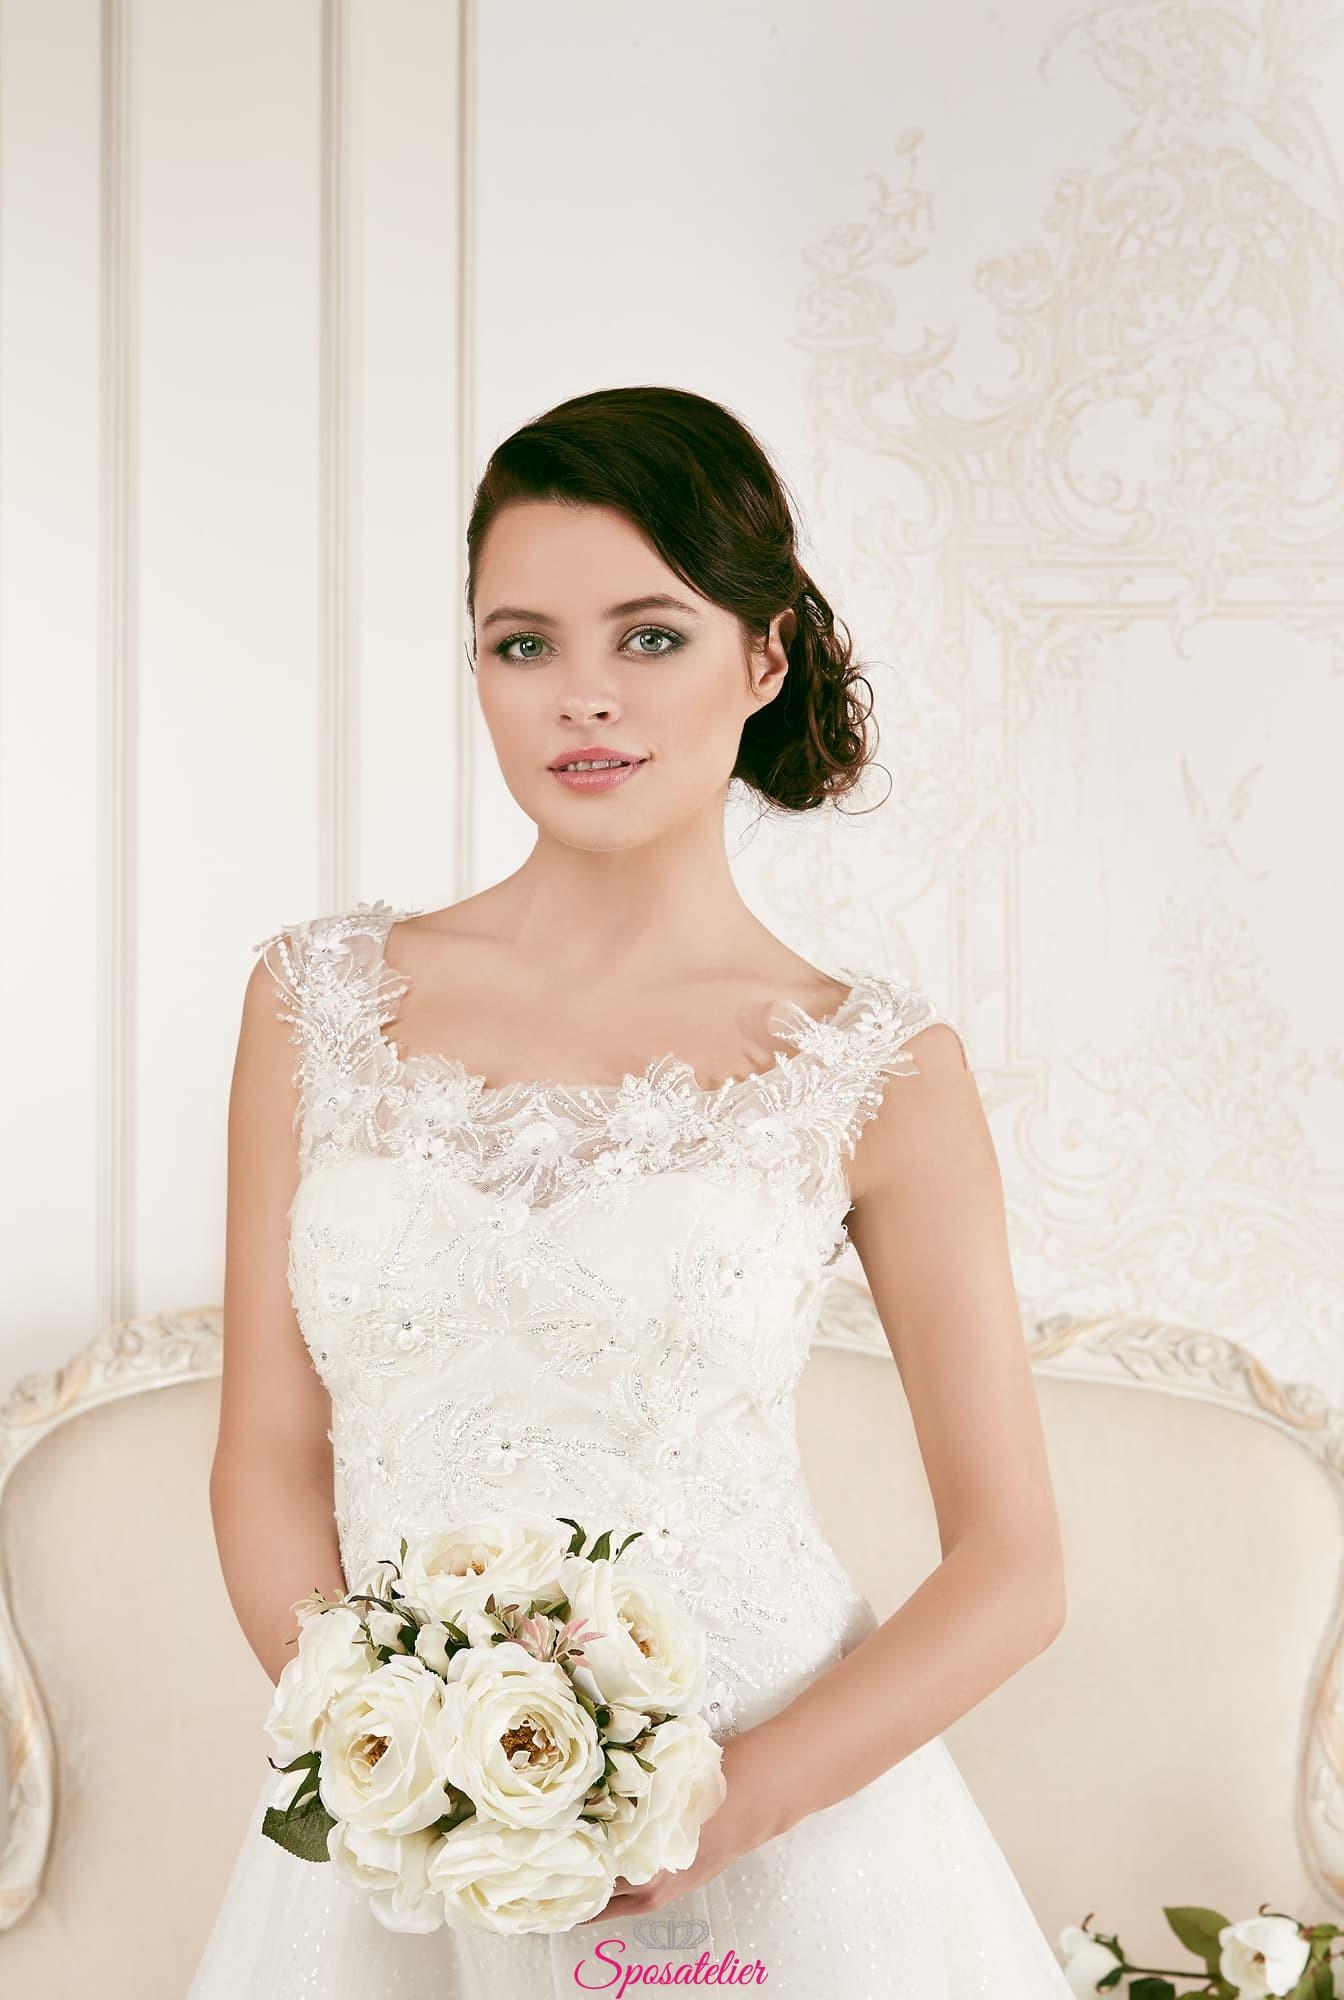 Matrimonio In Spiaggia Italia : Nikla abito da sposa corto vintage online economico per